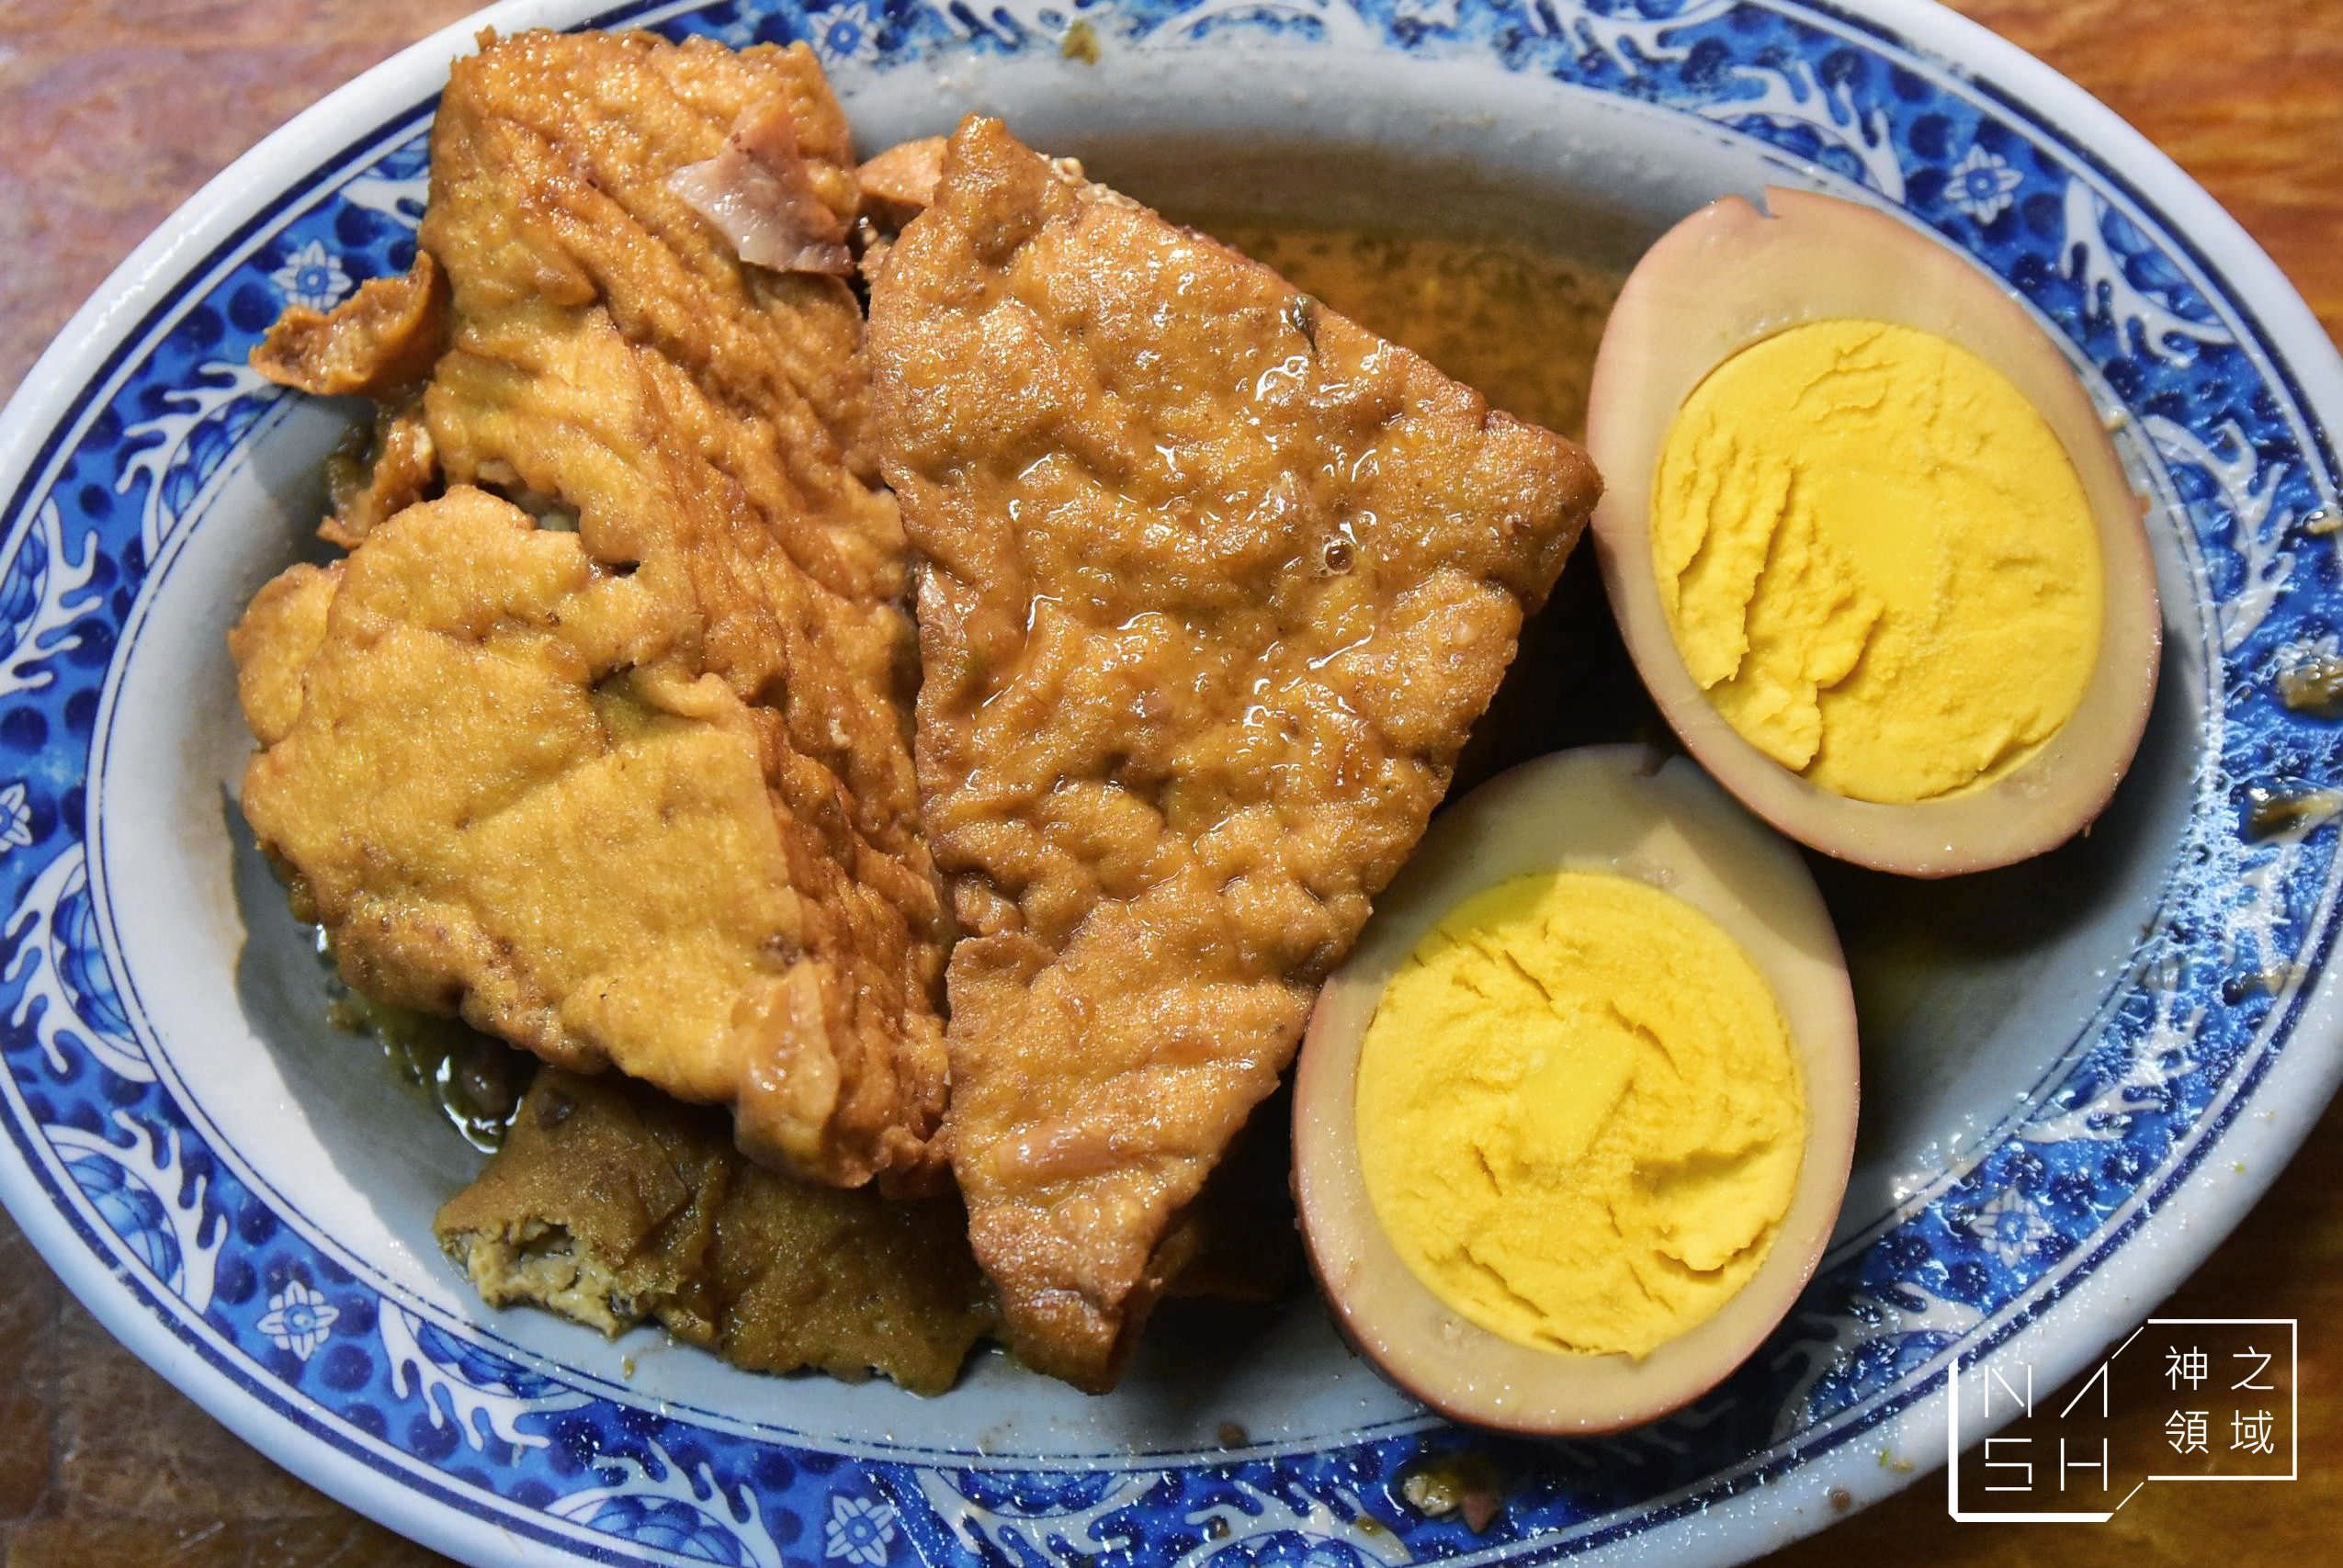 阿添蛤仔麵,彰化美食,彰化蛤仔麵